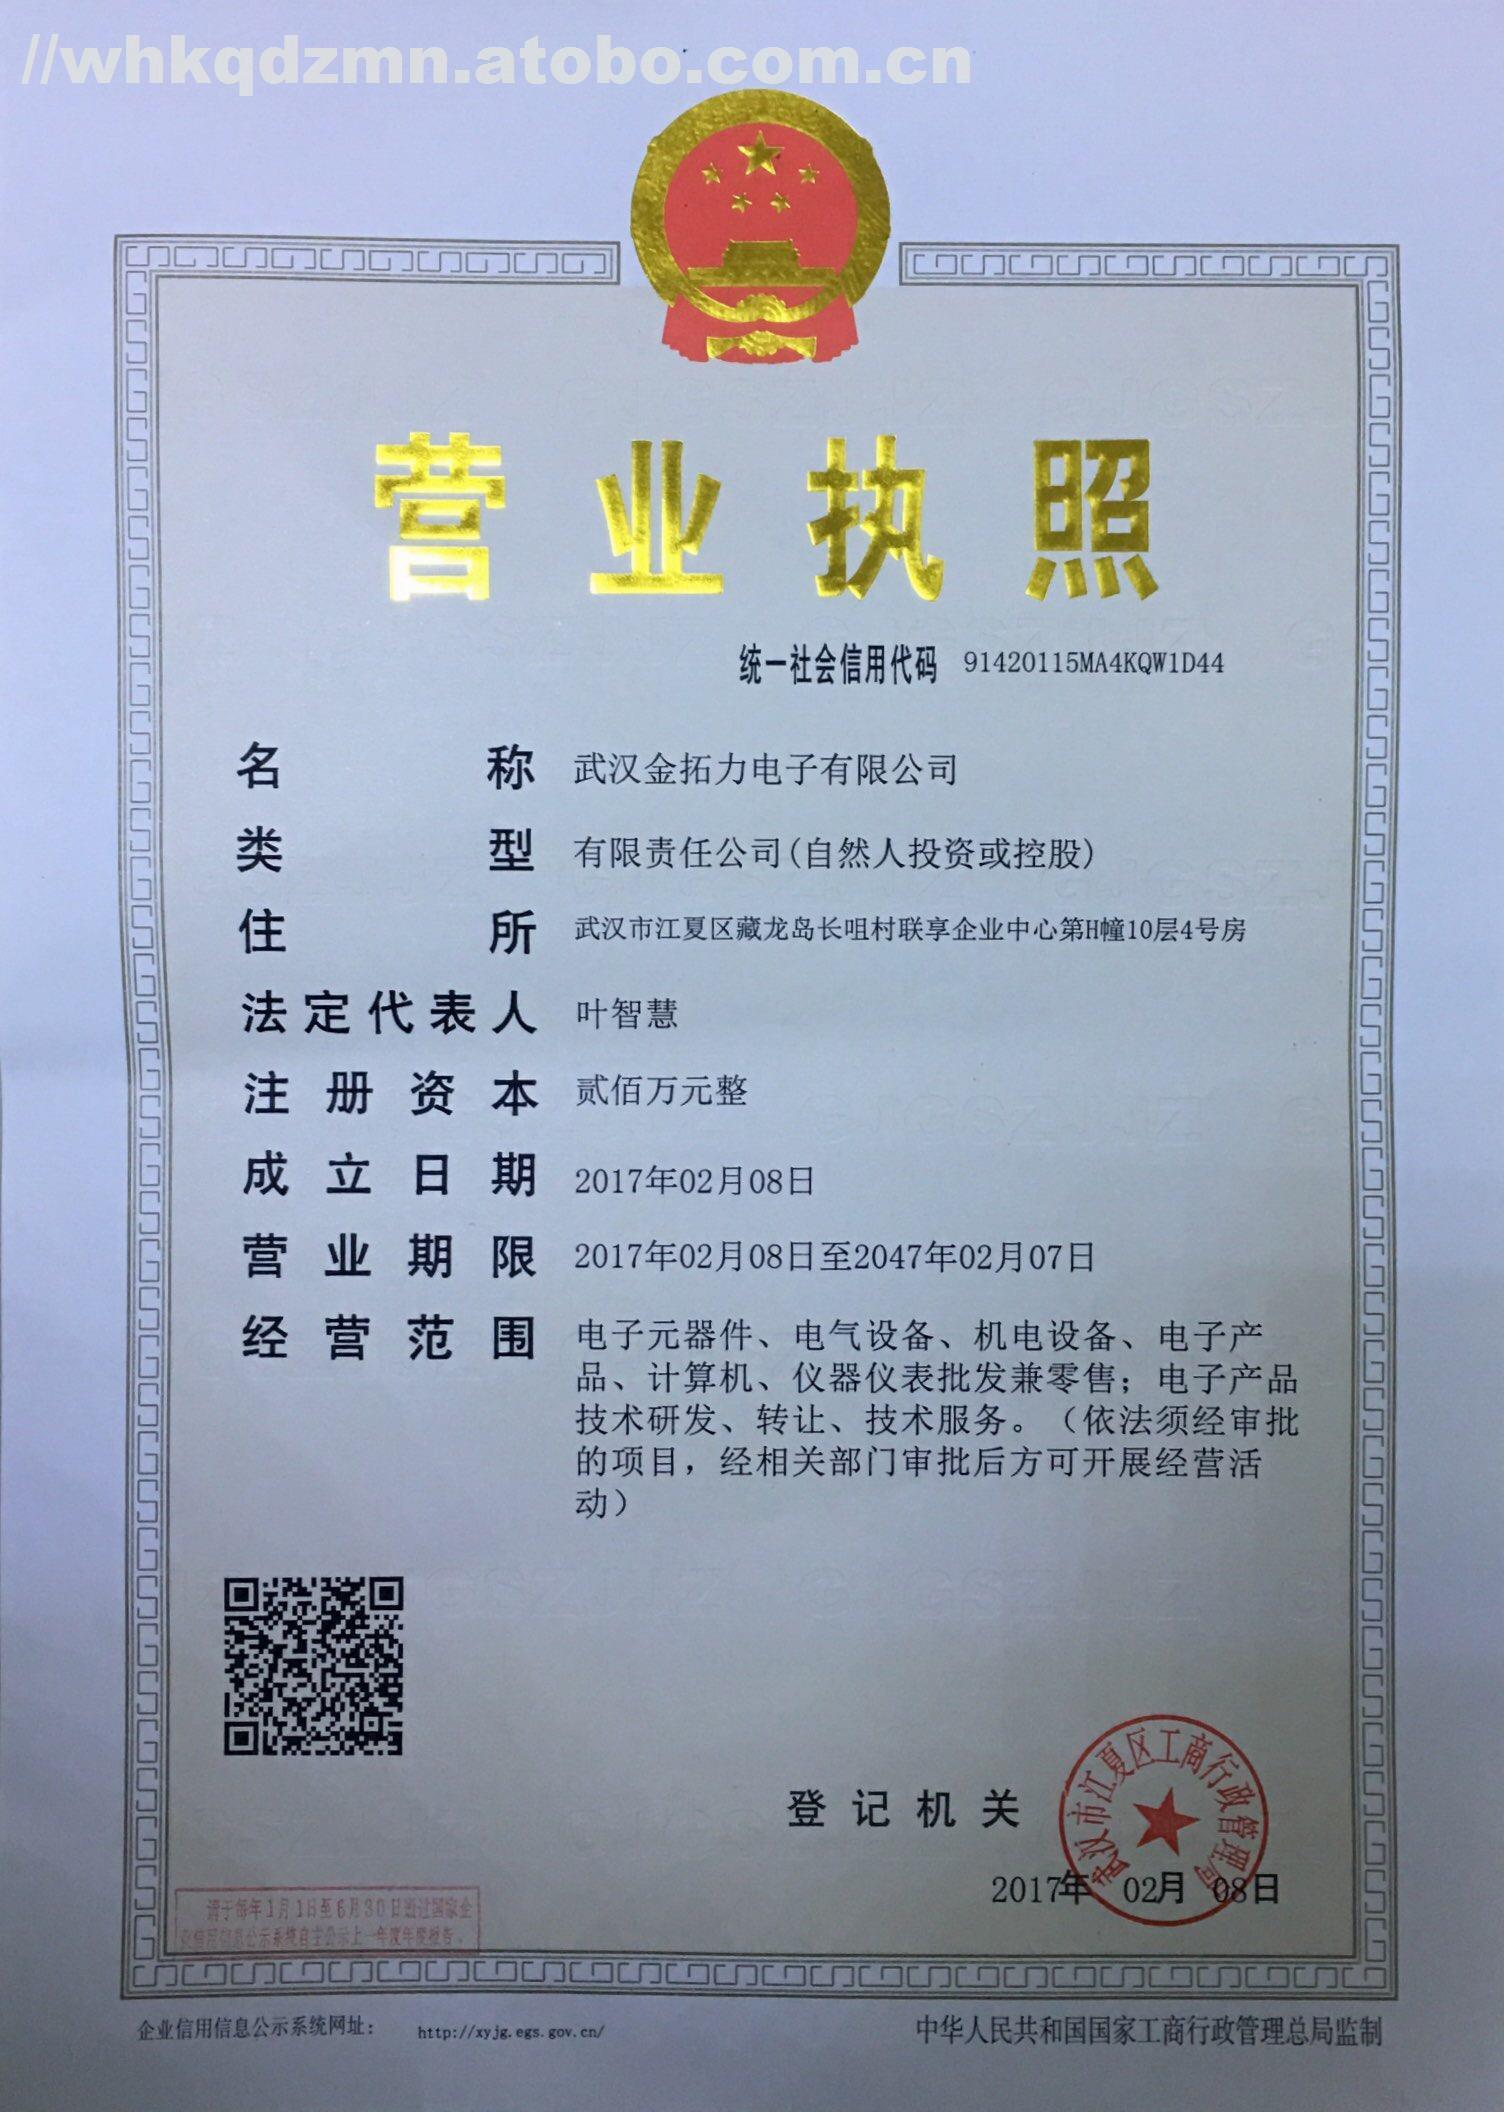 武汉工商网企业�z*_武汉江夏工商行政局 有效期: 2017年2月8日 至 2047年2月7日 公司